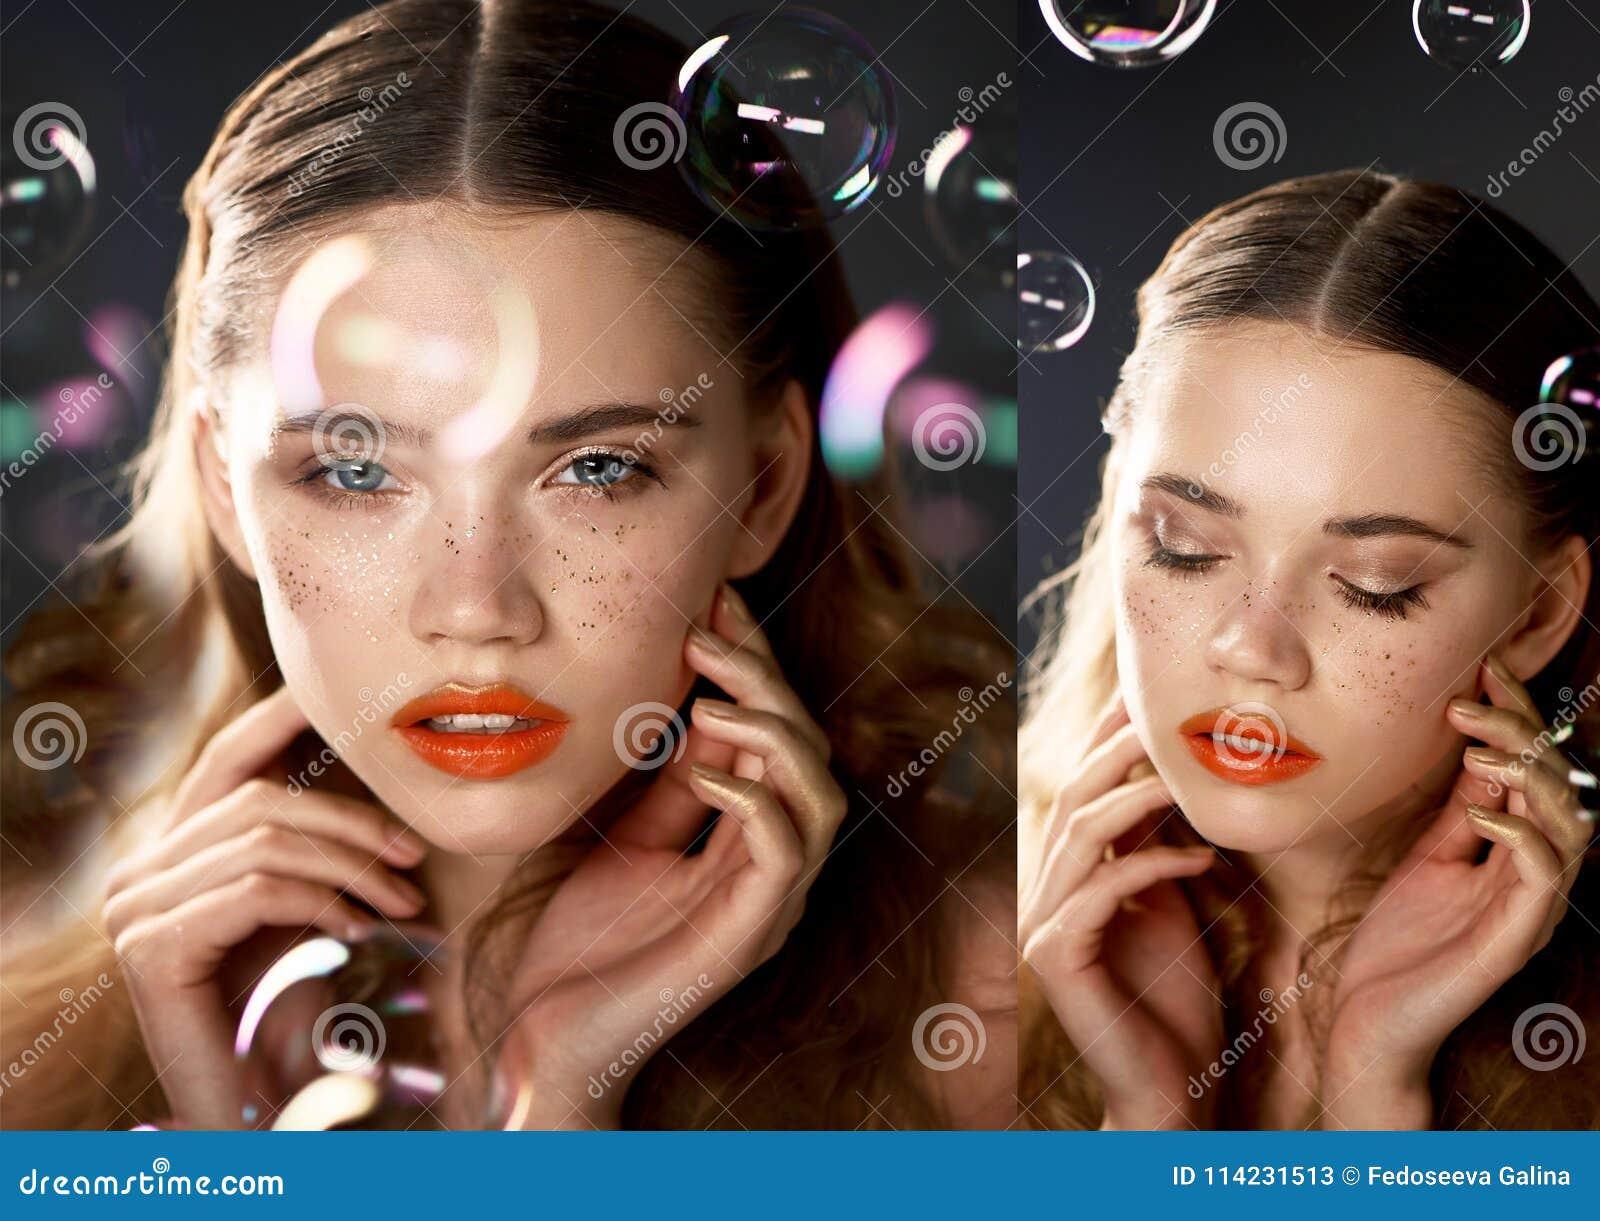 Ritratto di giovane bella ragazza in studio, con trucco professionale Fucilazione di bellezza La bellezza delle bolle di sapone E